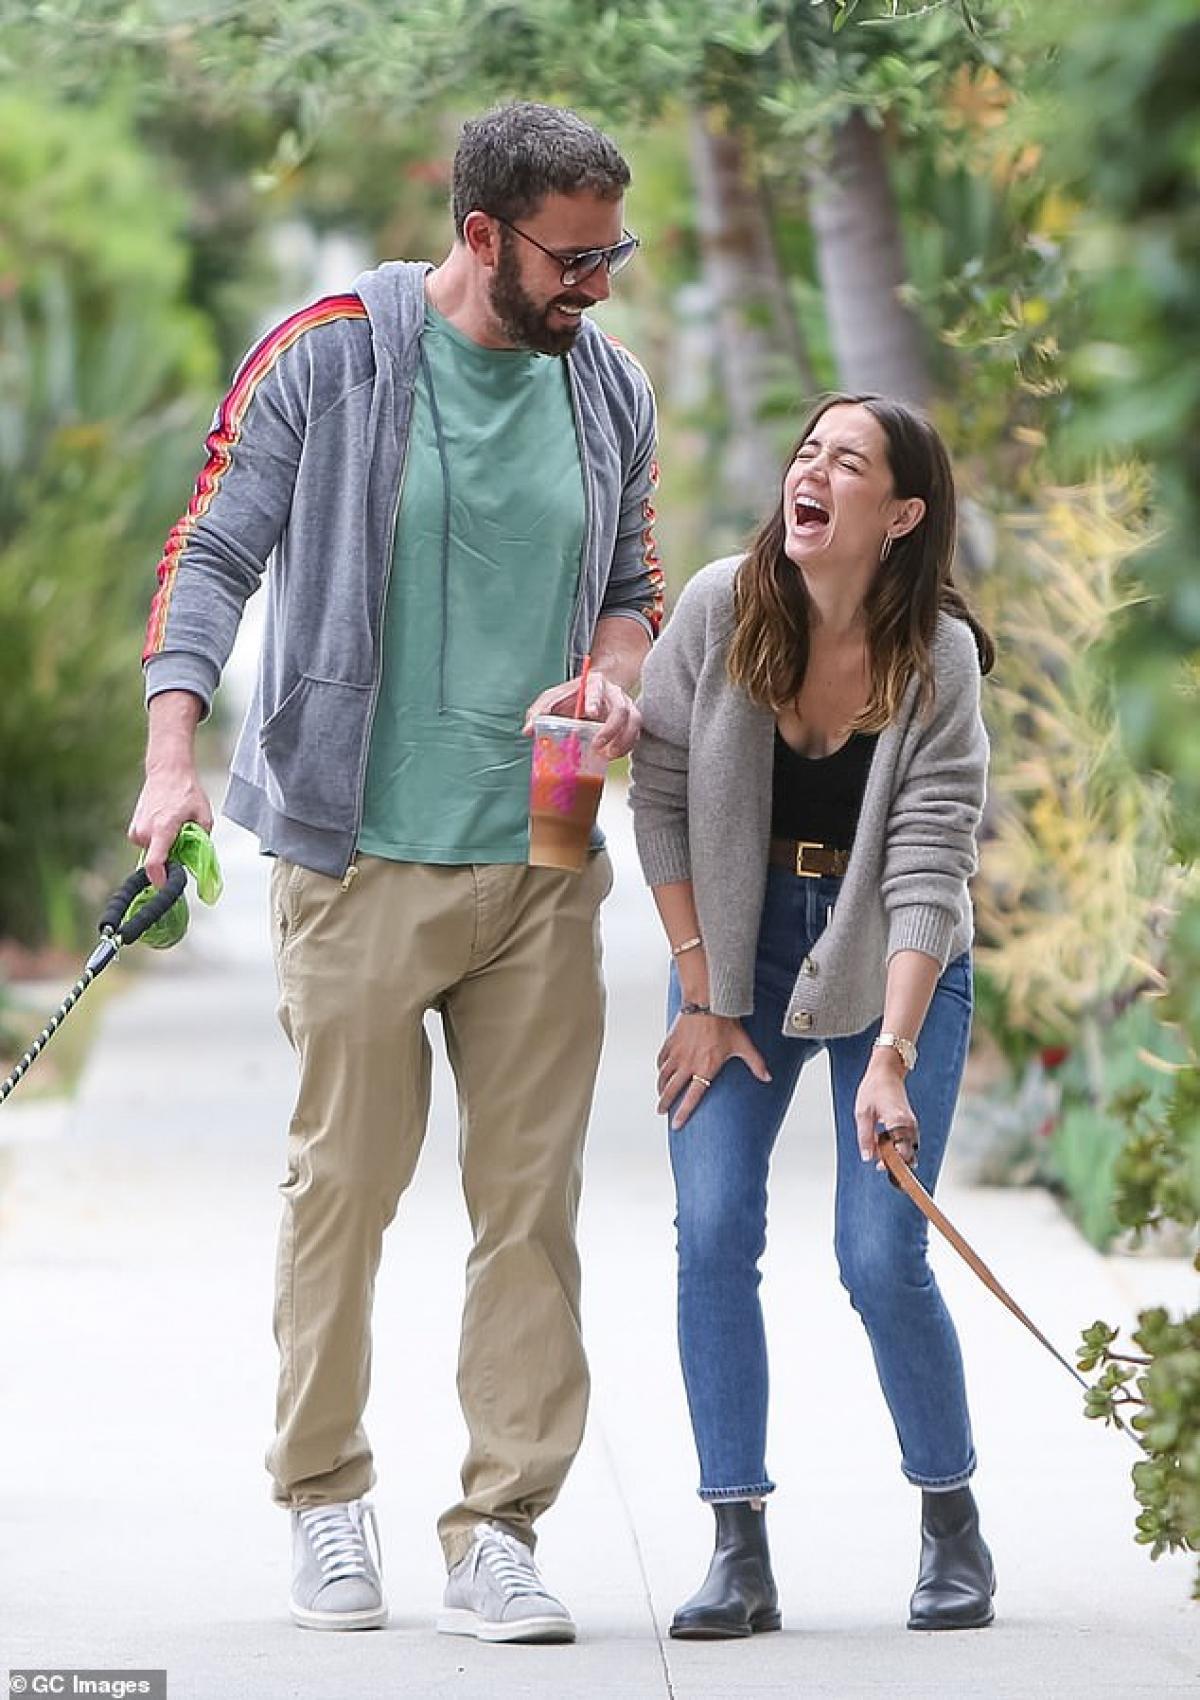 """Ana de Armas và Ben Affleck công khai hẹn hò từ đầu năm 2020 sau khi đóng cùng nhau trong bộ phim """"Deep Water""""./."""